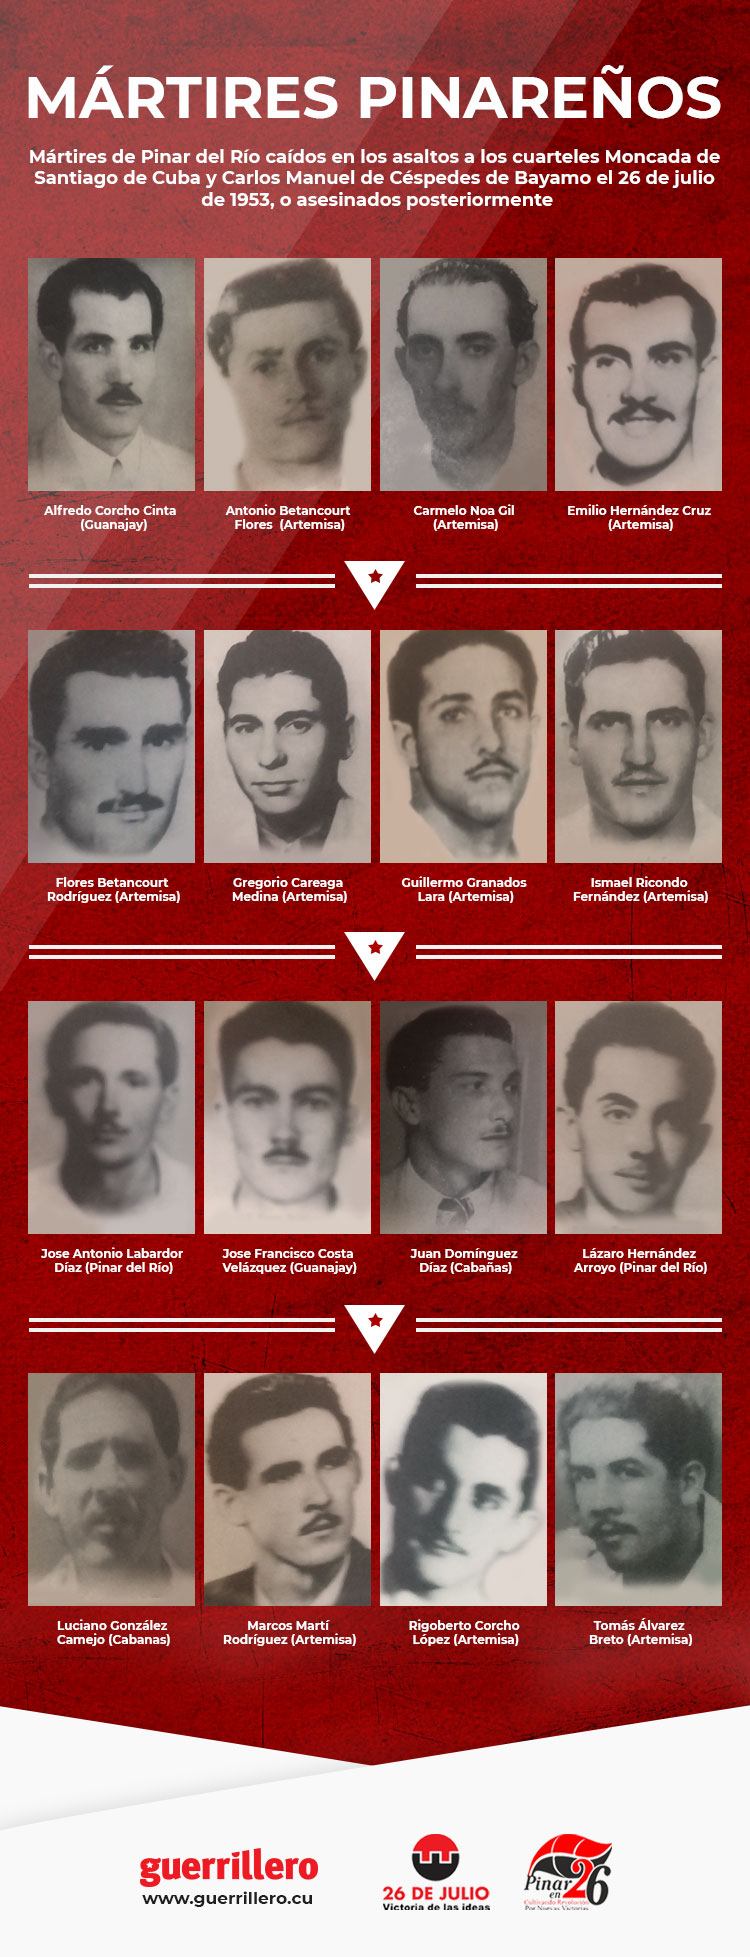 Mártires de Pinar del Río caídos en los asaltos a los cuarteles Moncada de Santiago de Cuba y Carlos Manuel de Céspedes de Bayamo el 26 de julio de 1953, o asesinados posteriormente